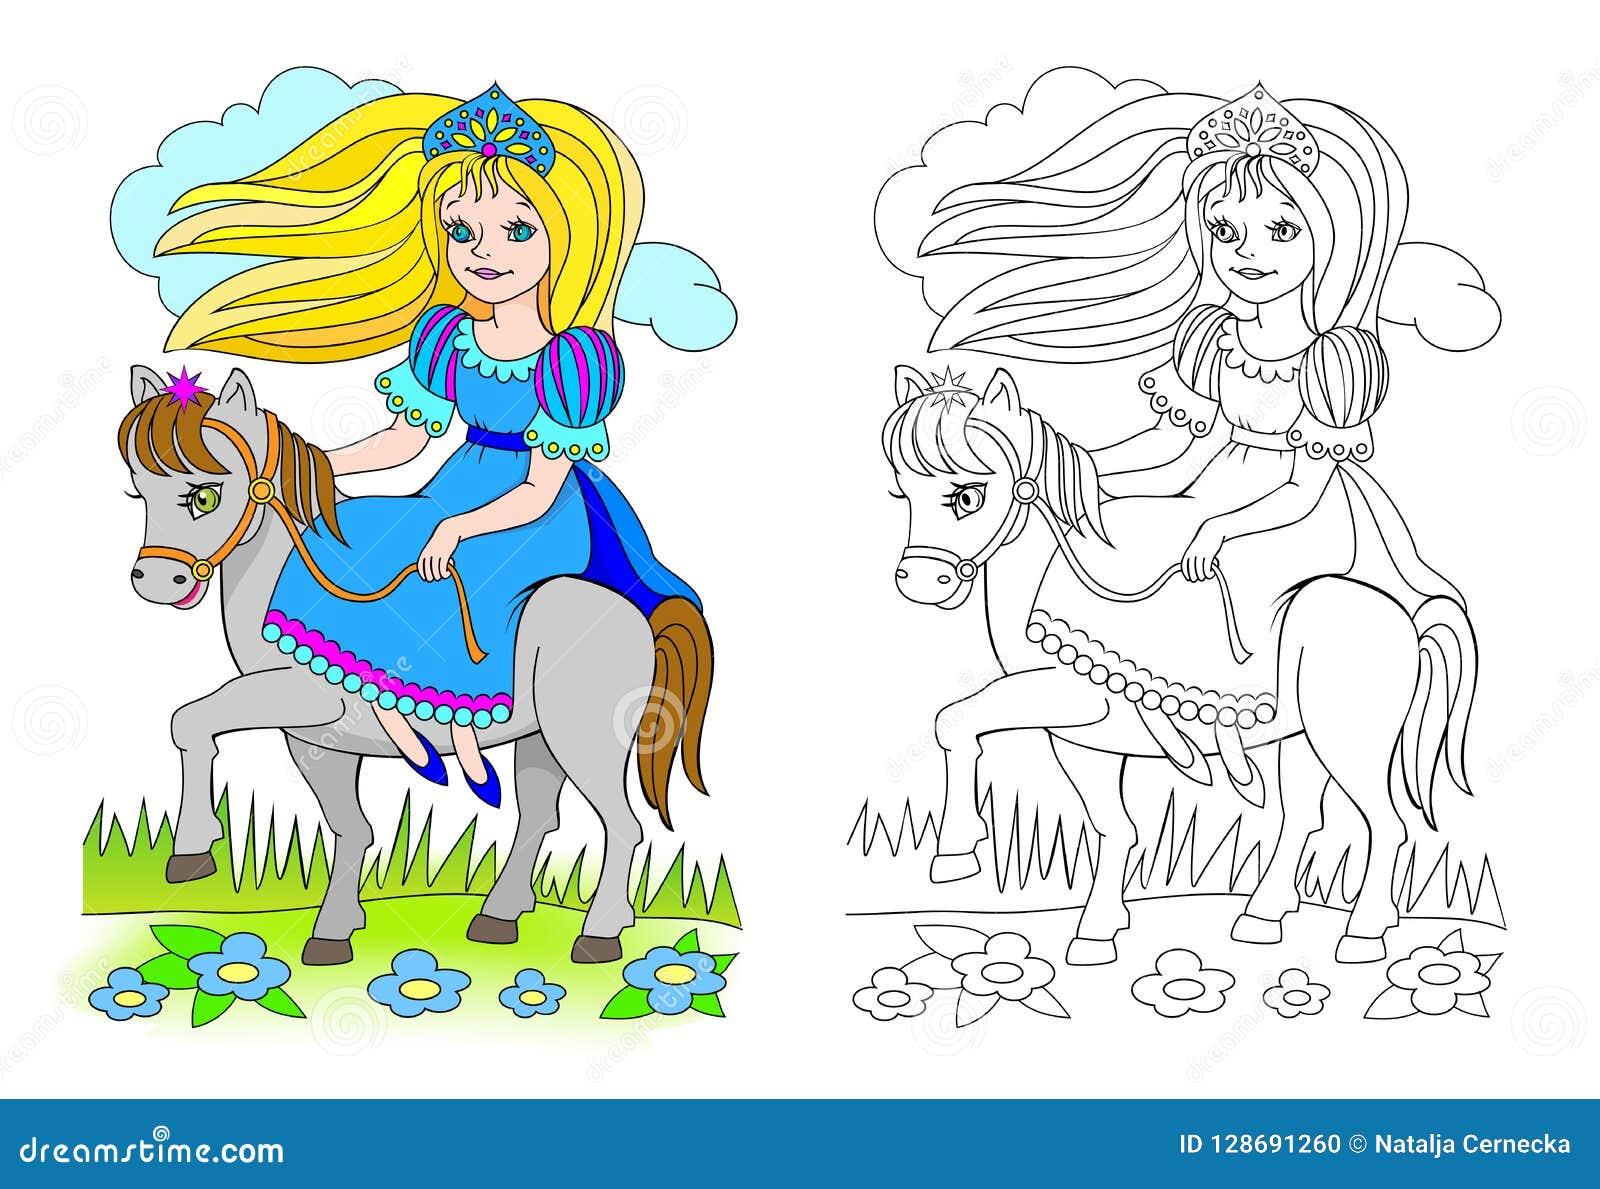 Illyustraciya Fantazii Miloj Malenkoj Princessy Kataniya Krasochnaya I